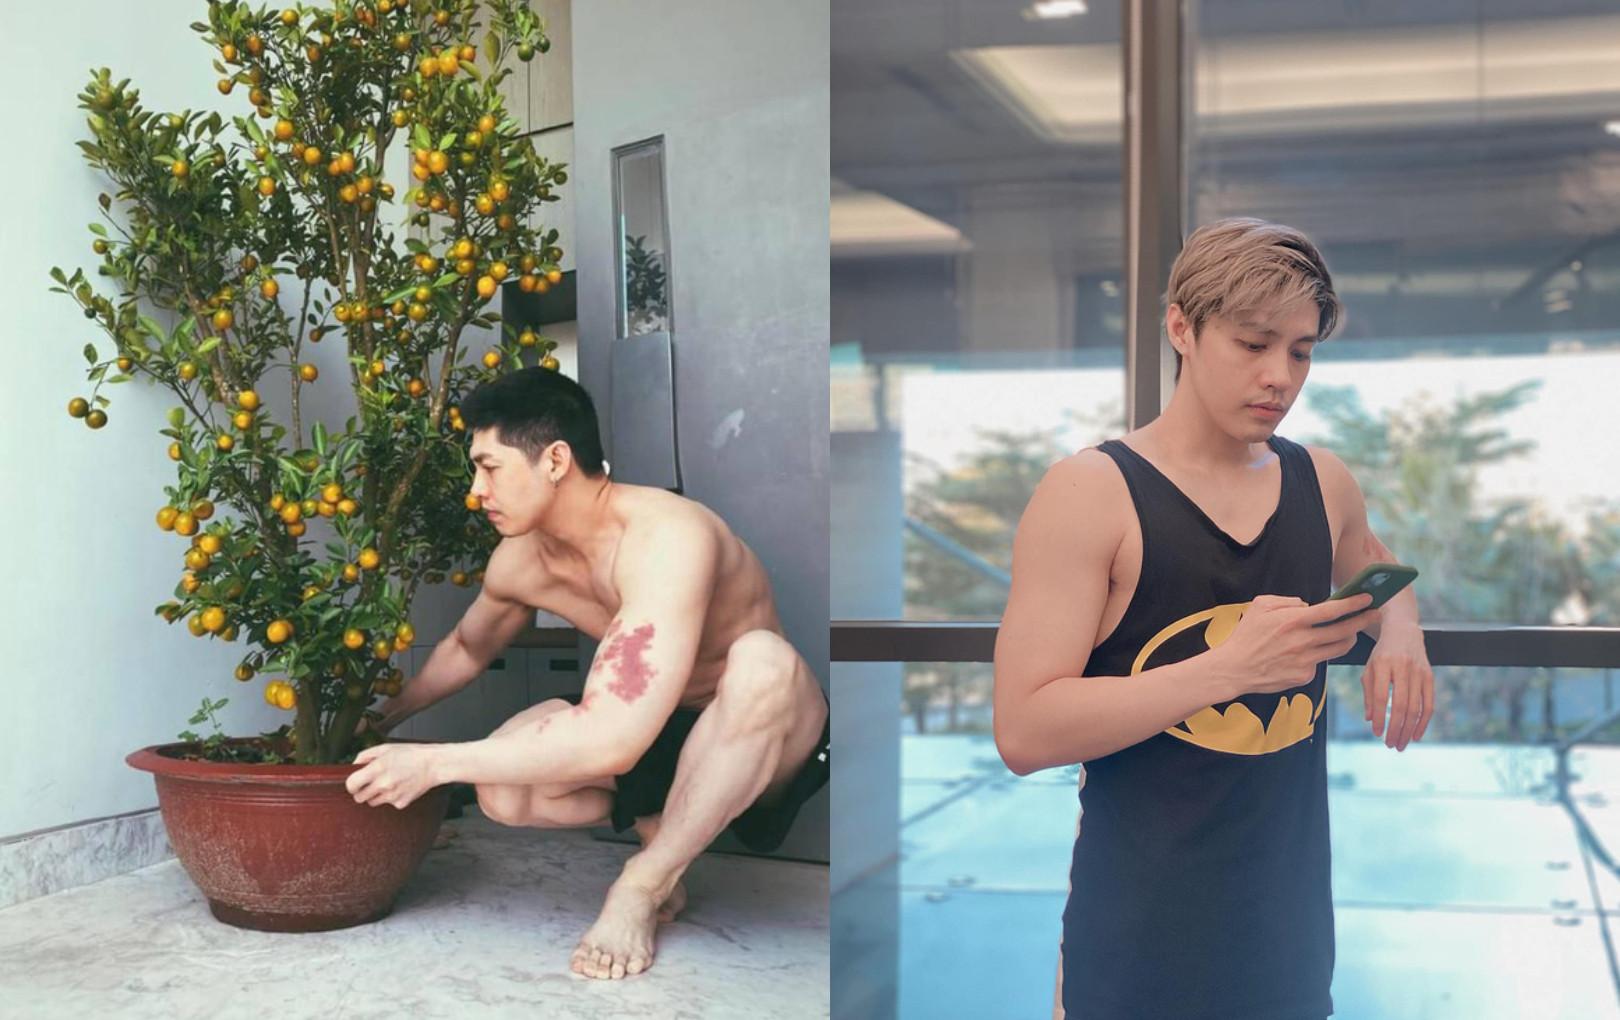 """Noo Phước Thịnh phô diễn body """"trá hình"""" qua ảnh khoe cây cận ngày Tết, chú thích kèm theo còn khiến netizen đỏ mặt hơn"""